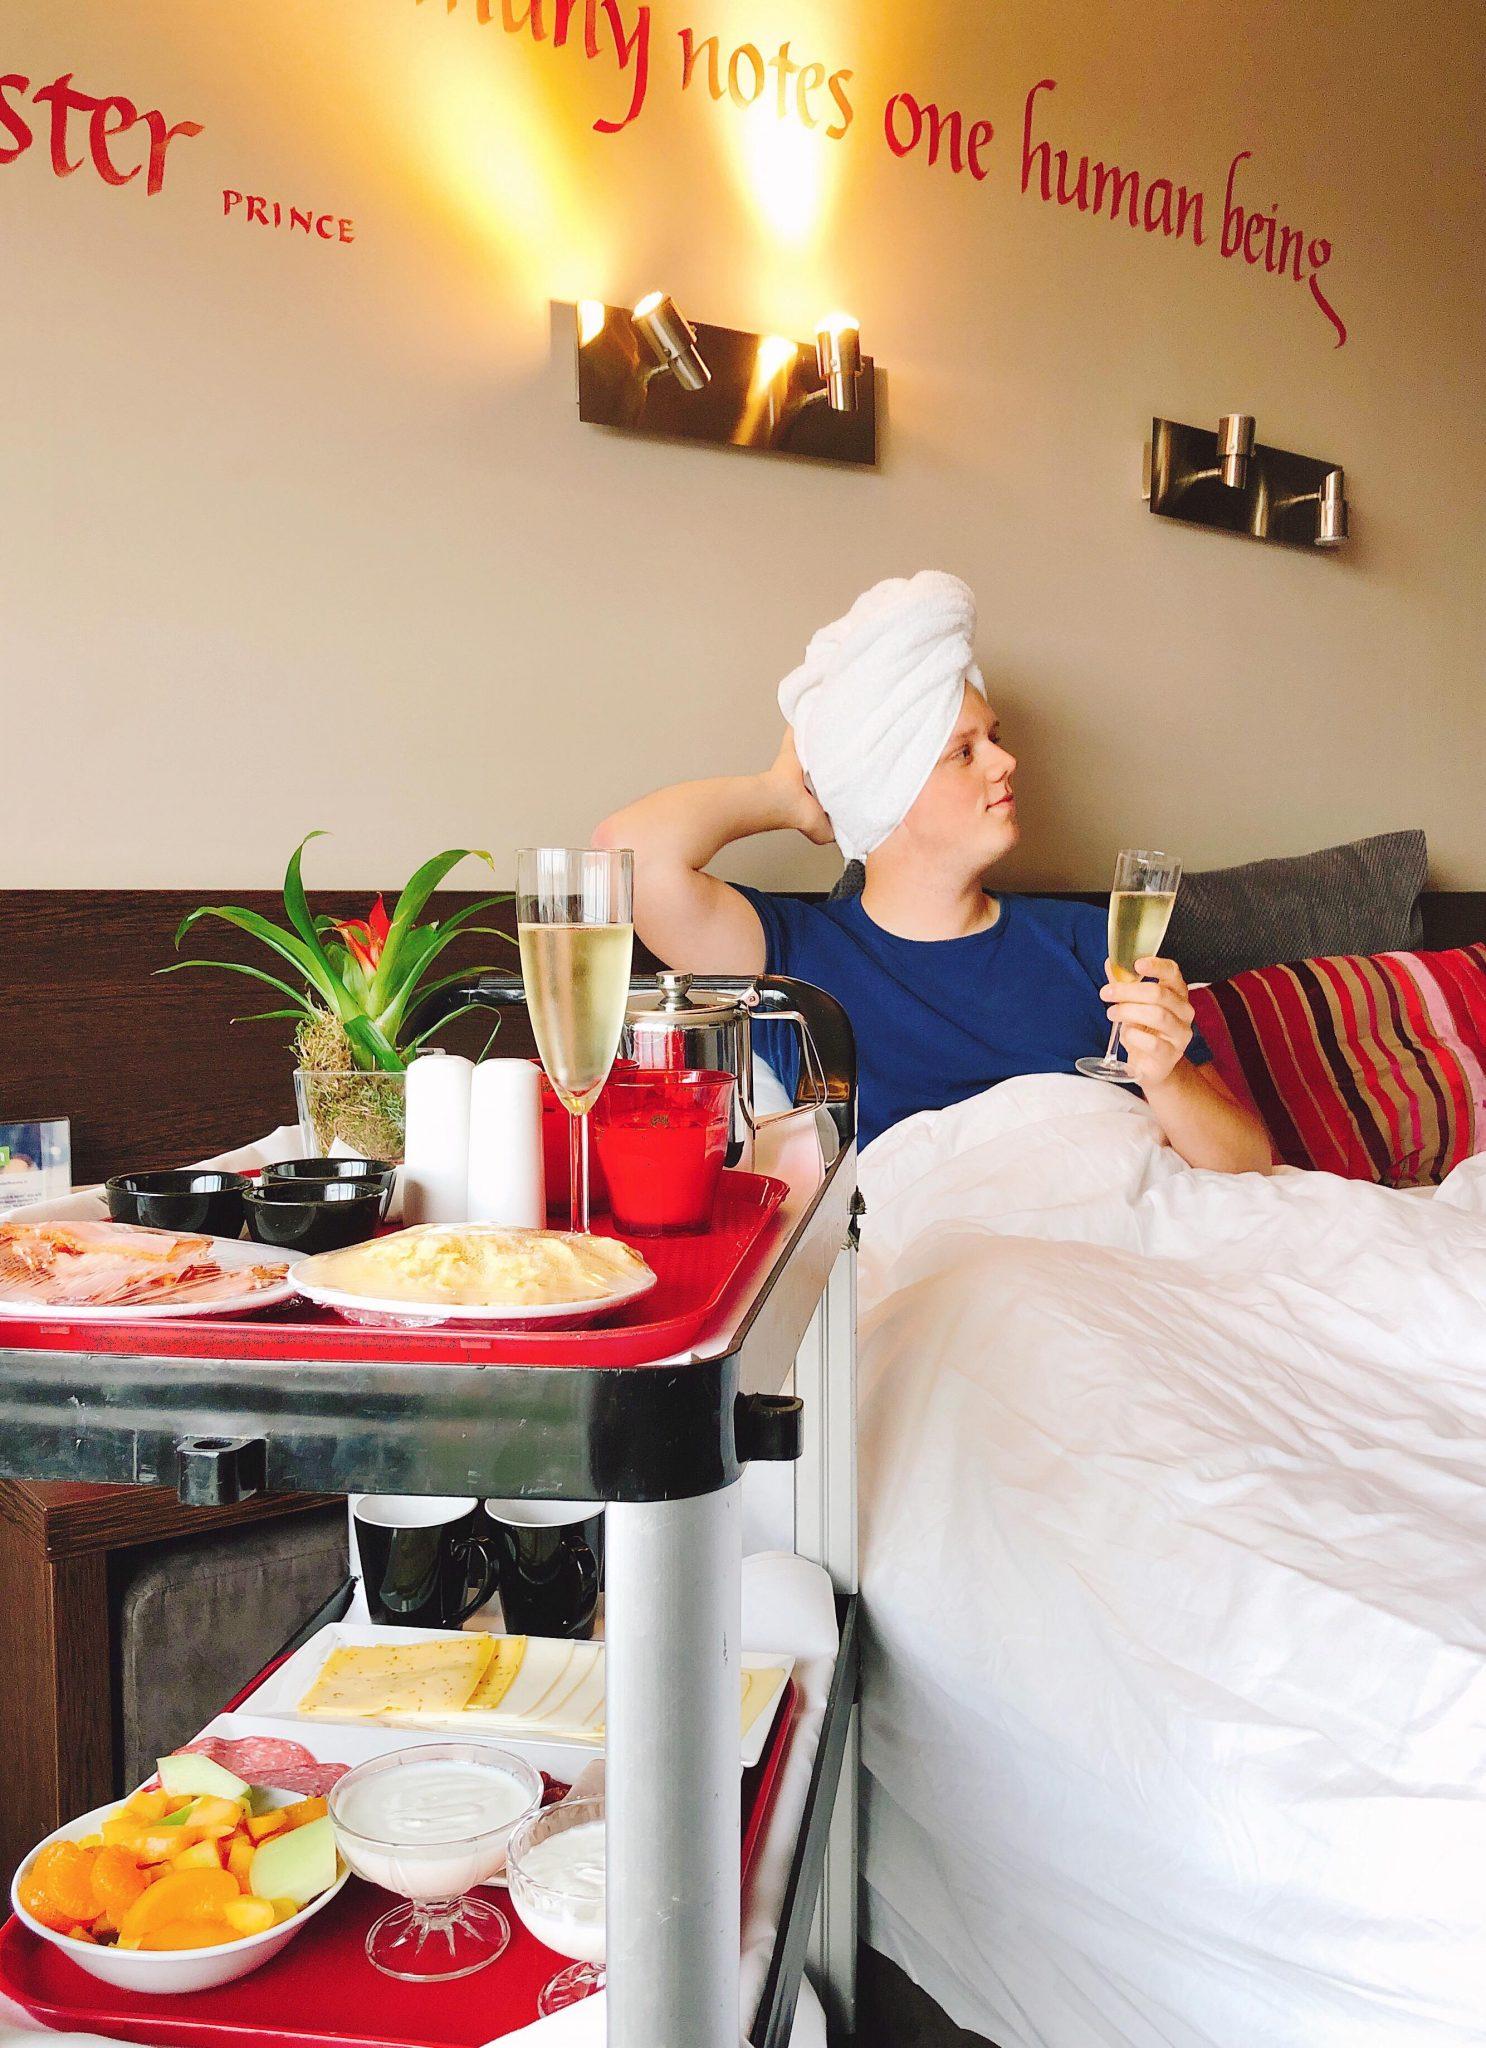 https://www.elisejoanne.nl/lifestyle/de-rompslomp-rond-het-hebben-van-een-eigen-woning/